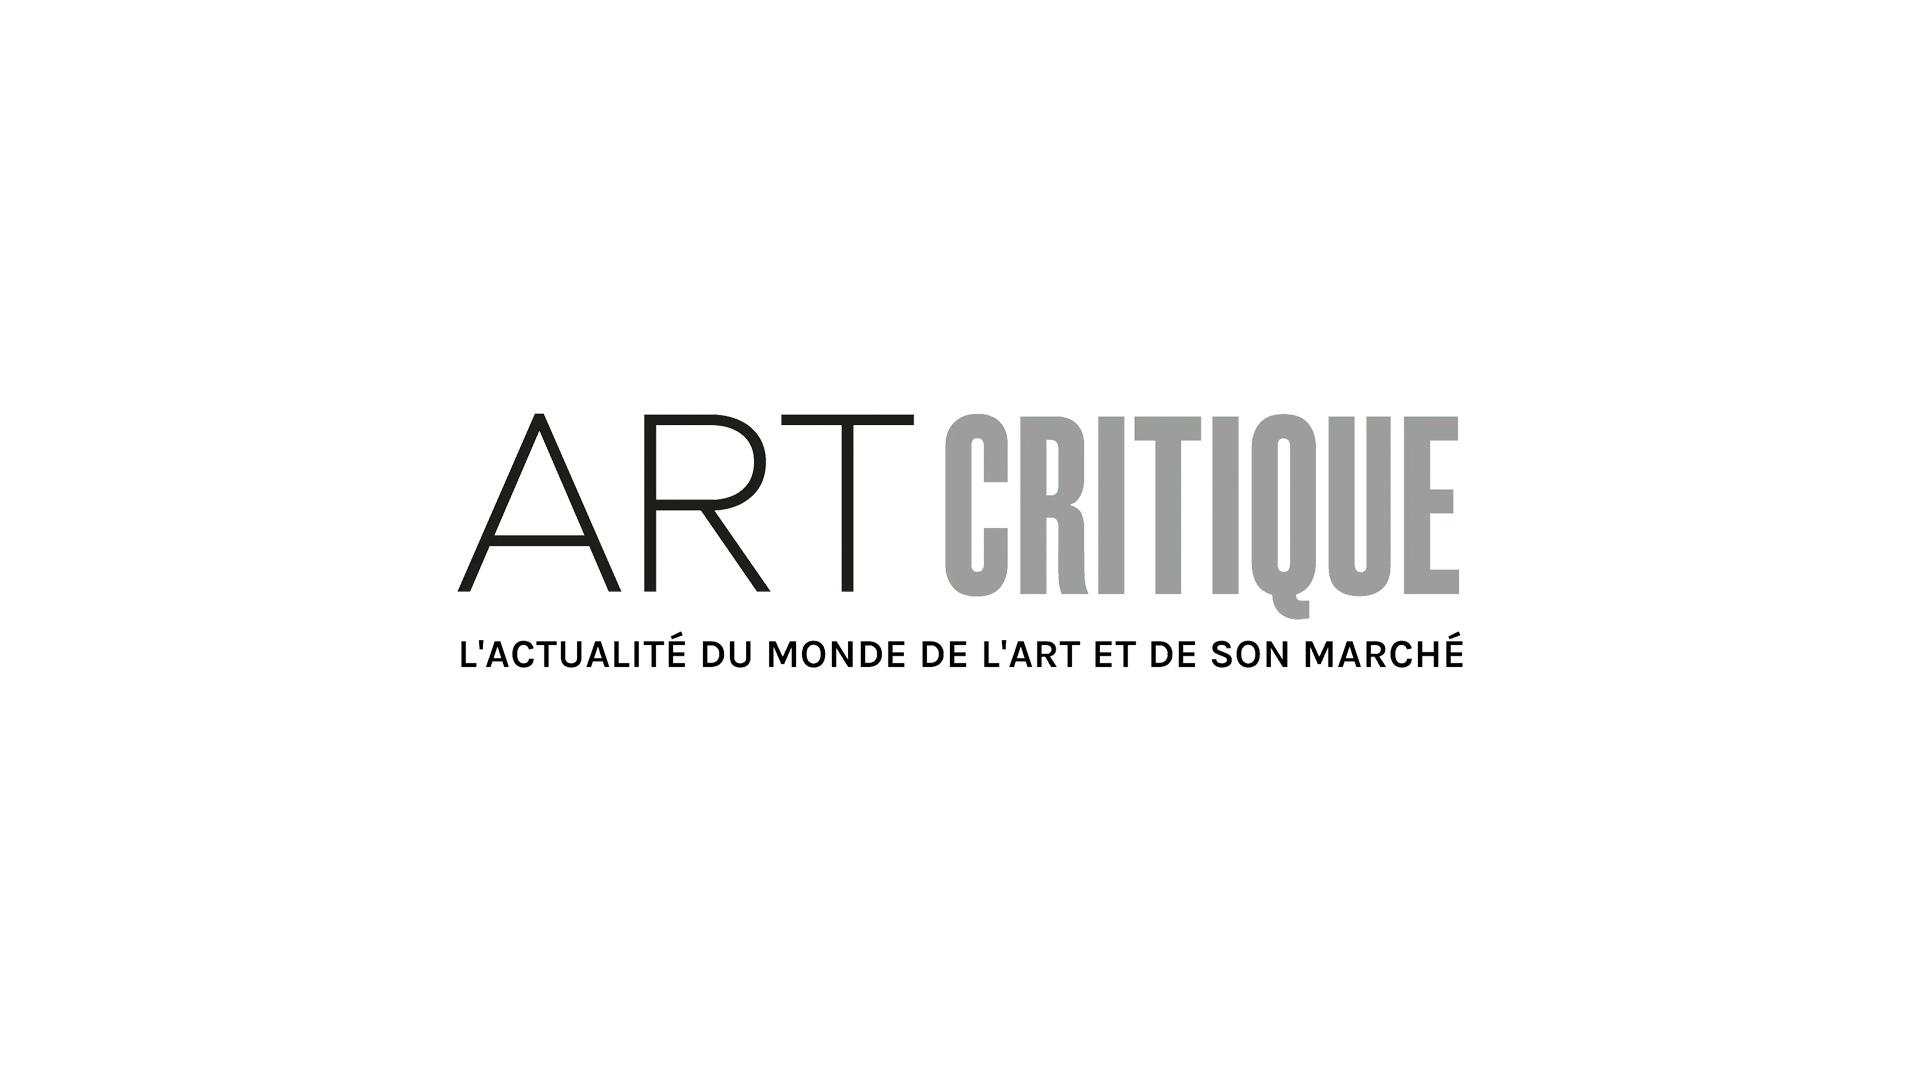 Le street-art s'invite sur les colonnes du Palais Brongniart